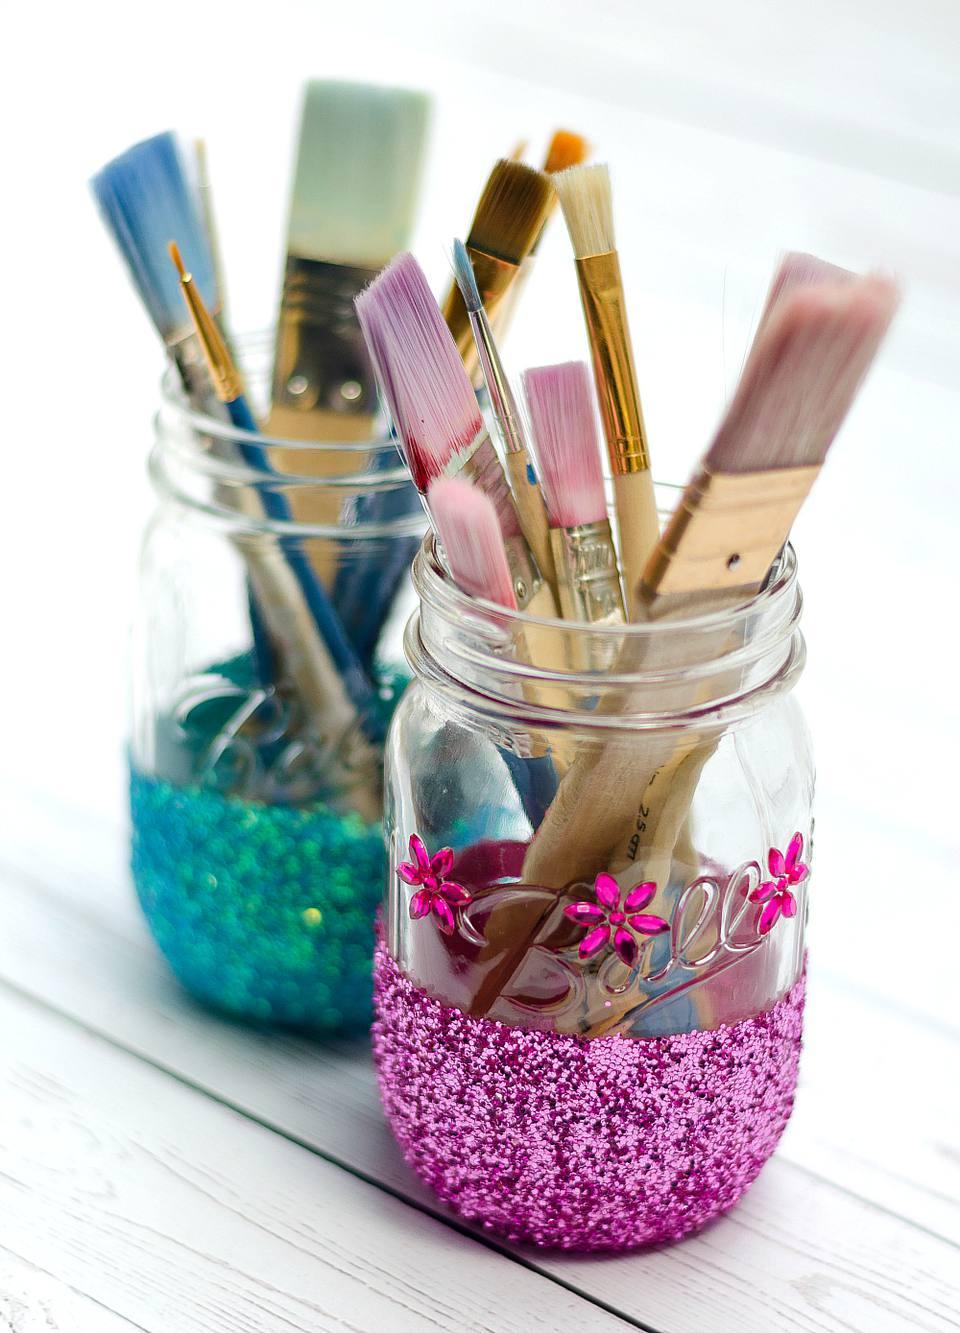 diy glitter storage jar - Diy Mason Jar